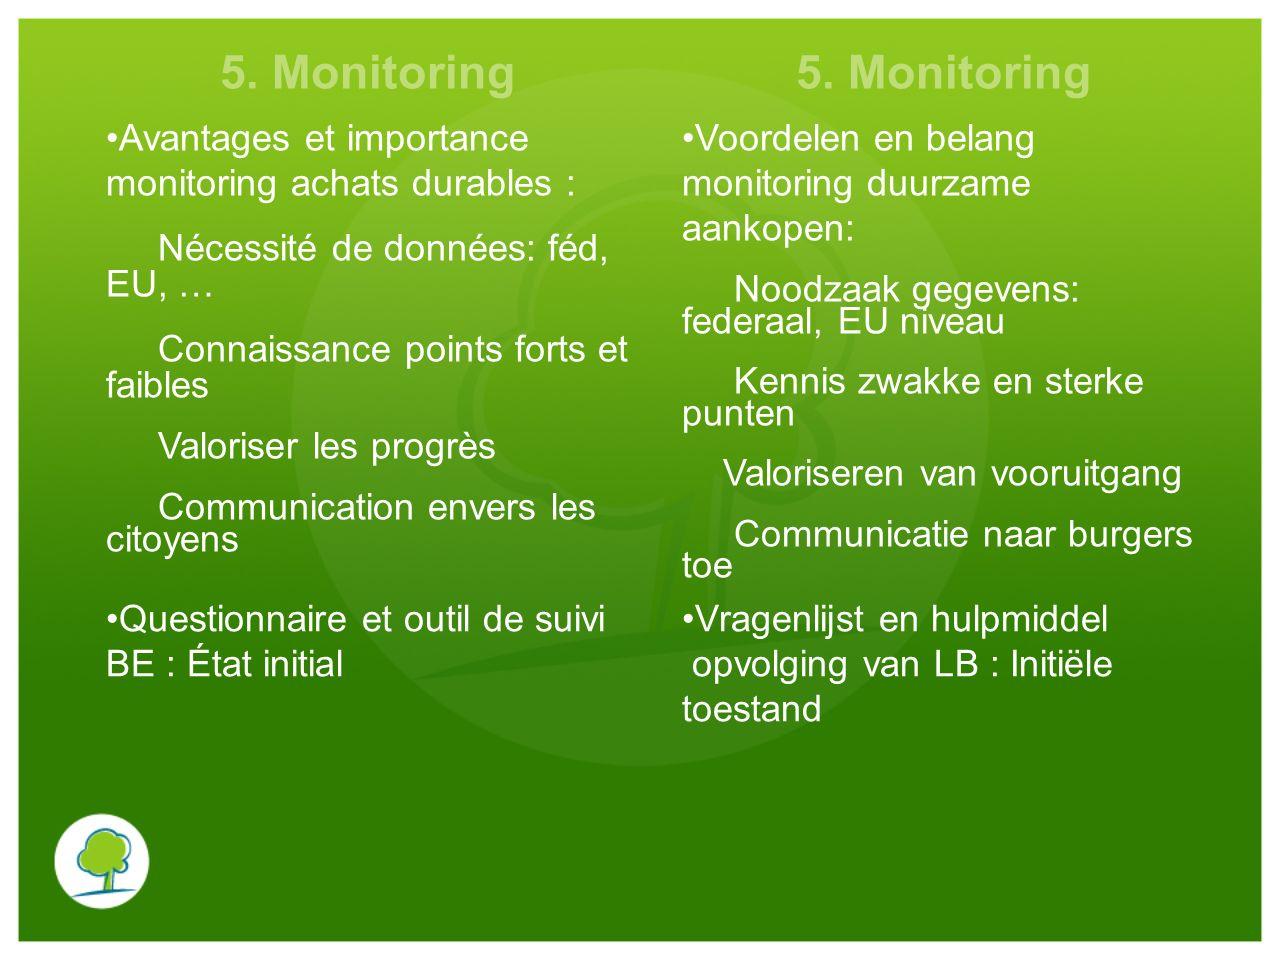 5. Monitoring Avantages et importance monitoring achats durables : Nécessité de données: féd, EU, … Connaissance points forts et faibles Valoriser les